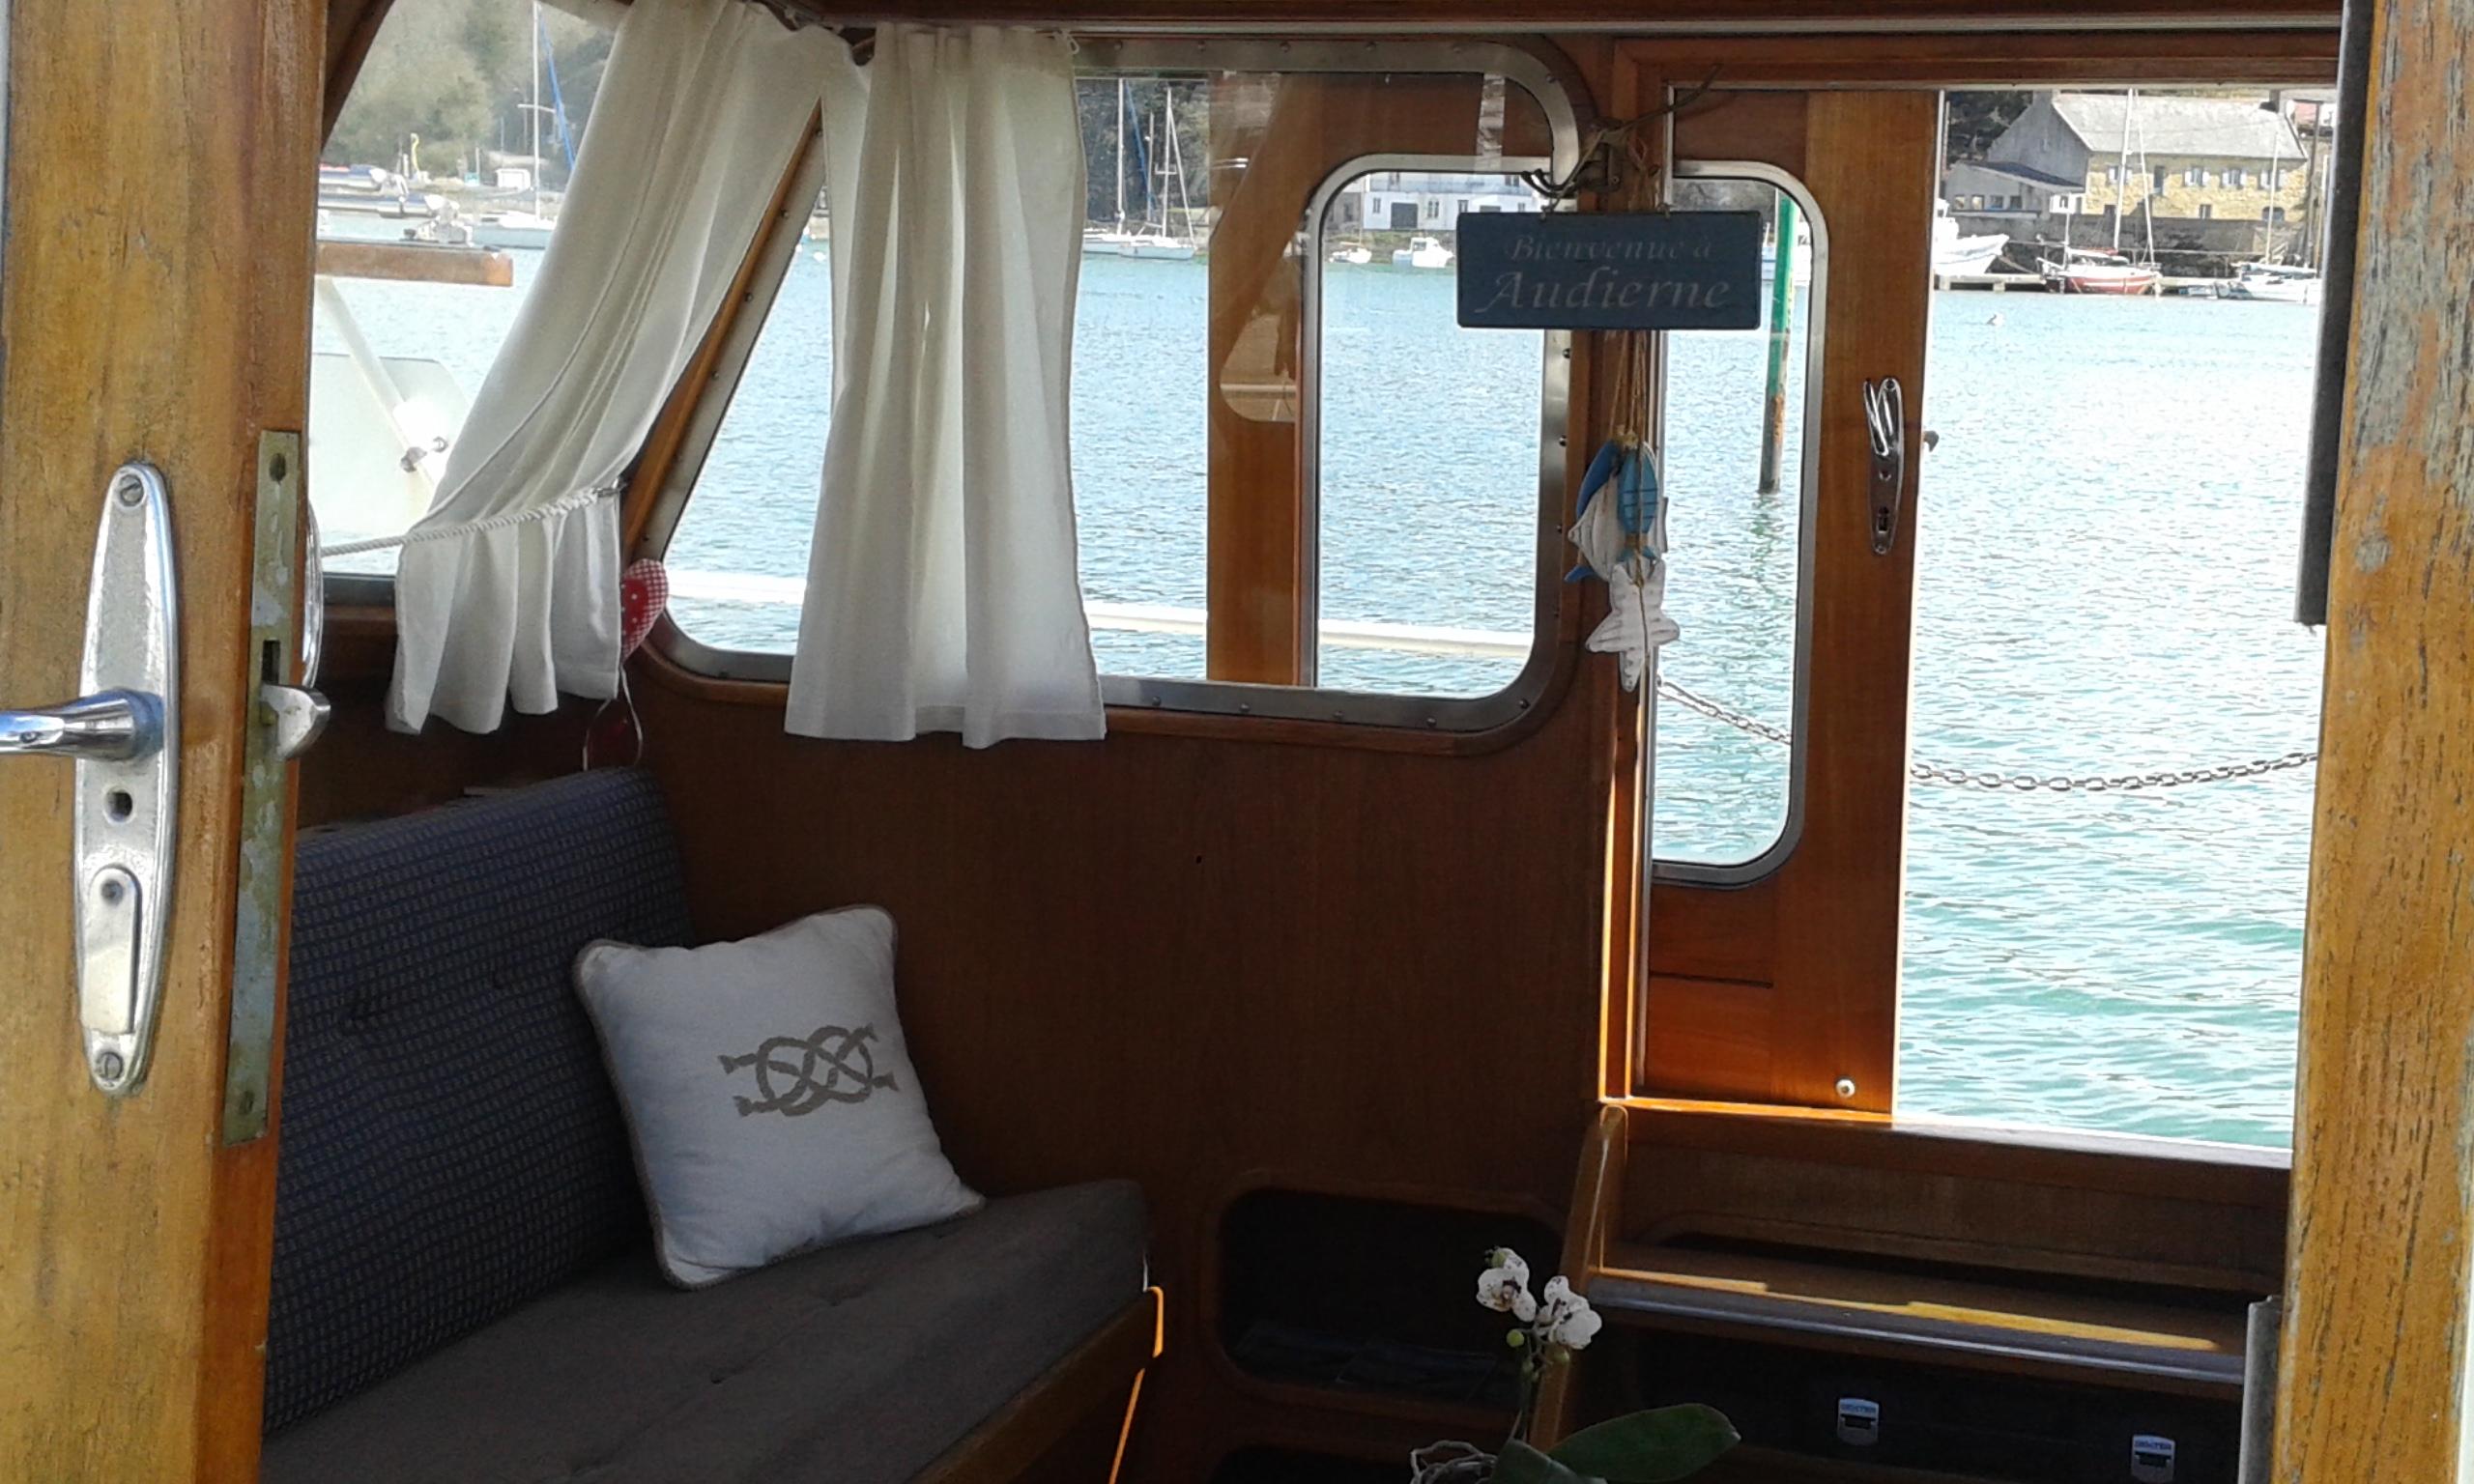 Dans le cockpit, un vrai havre de paix au bord de l'eau.